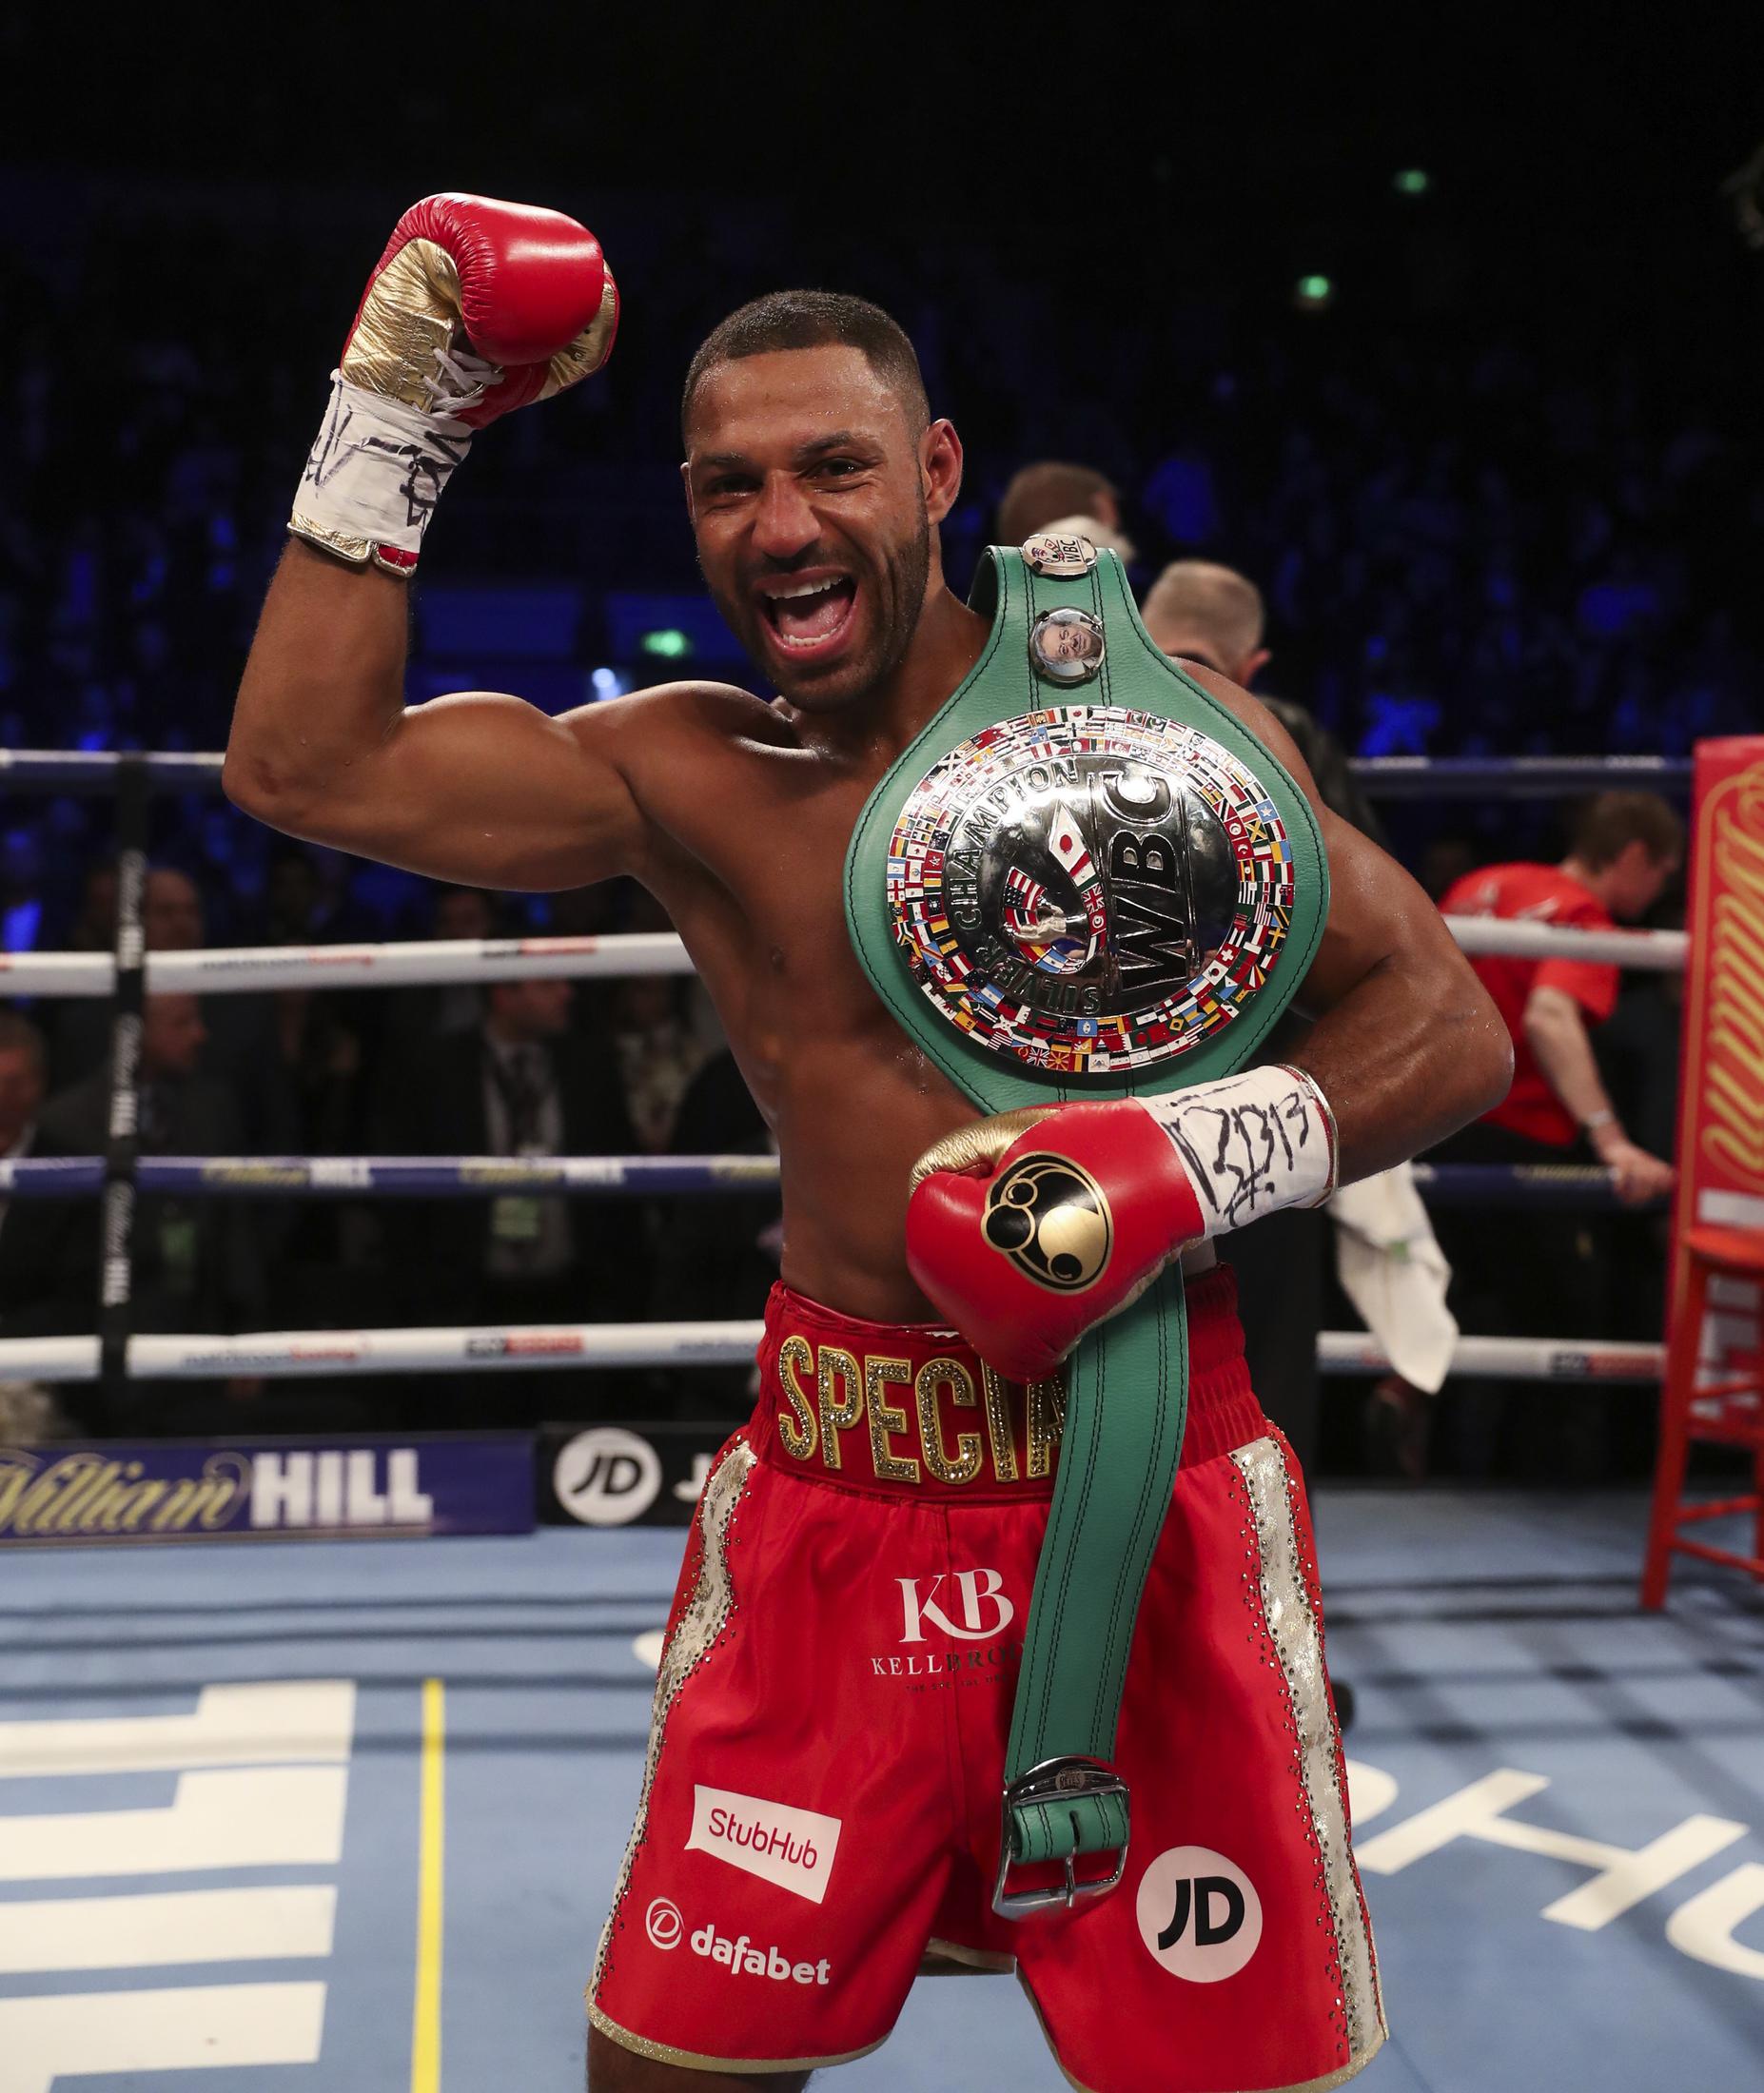 Kell Brook fights Michael Zerafa in Sheffield on 8 December